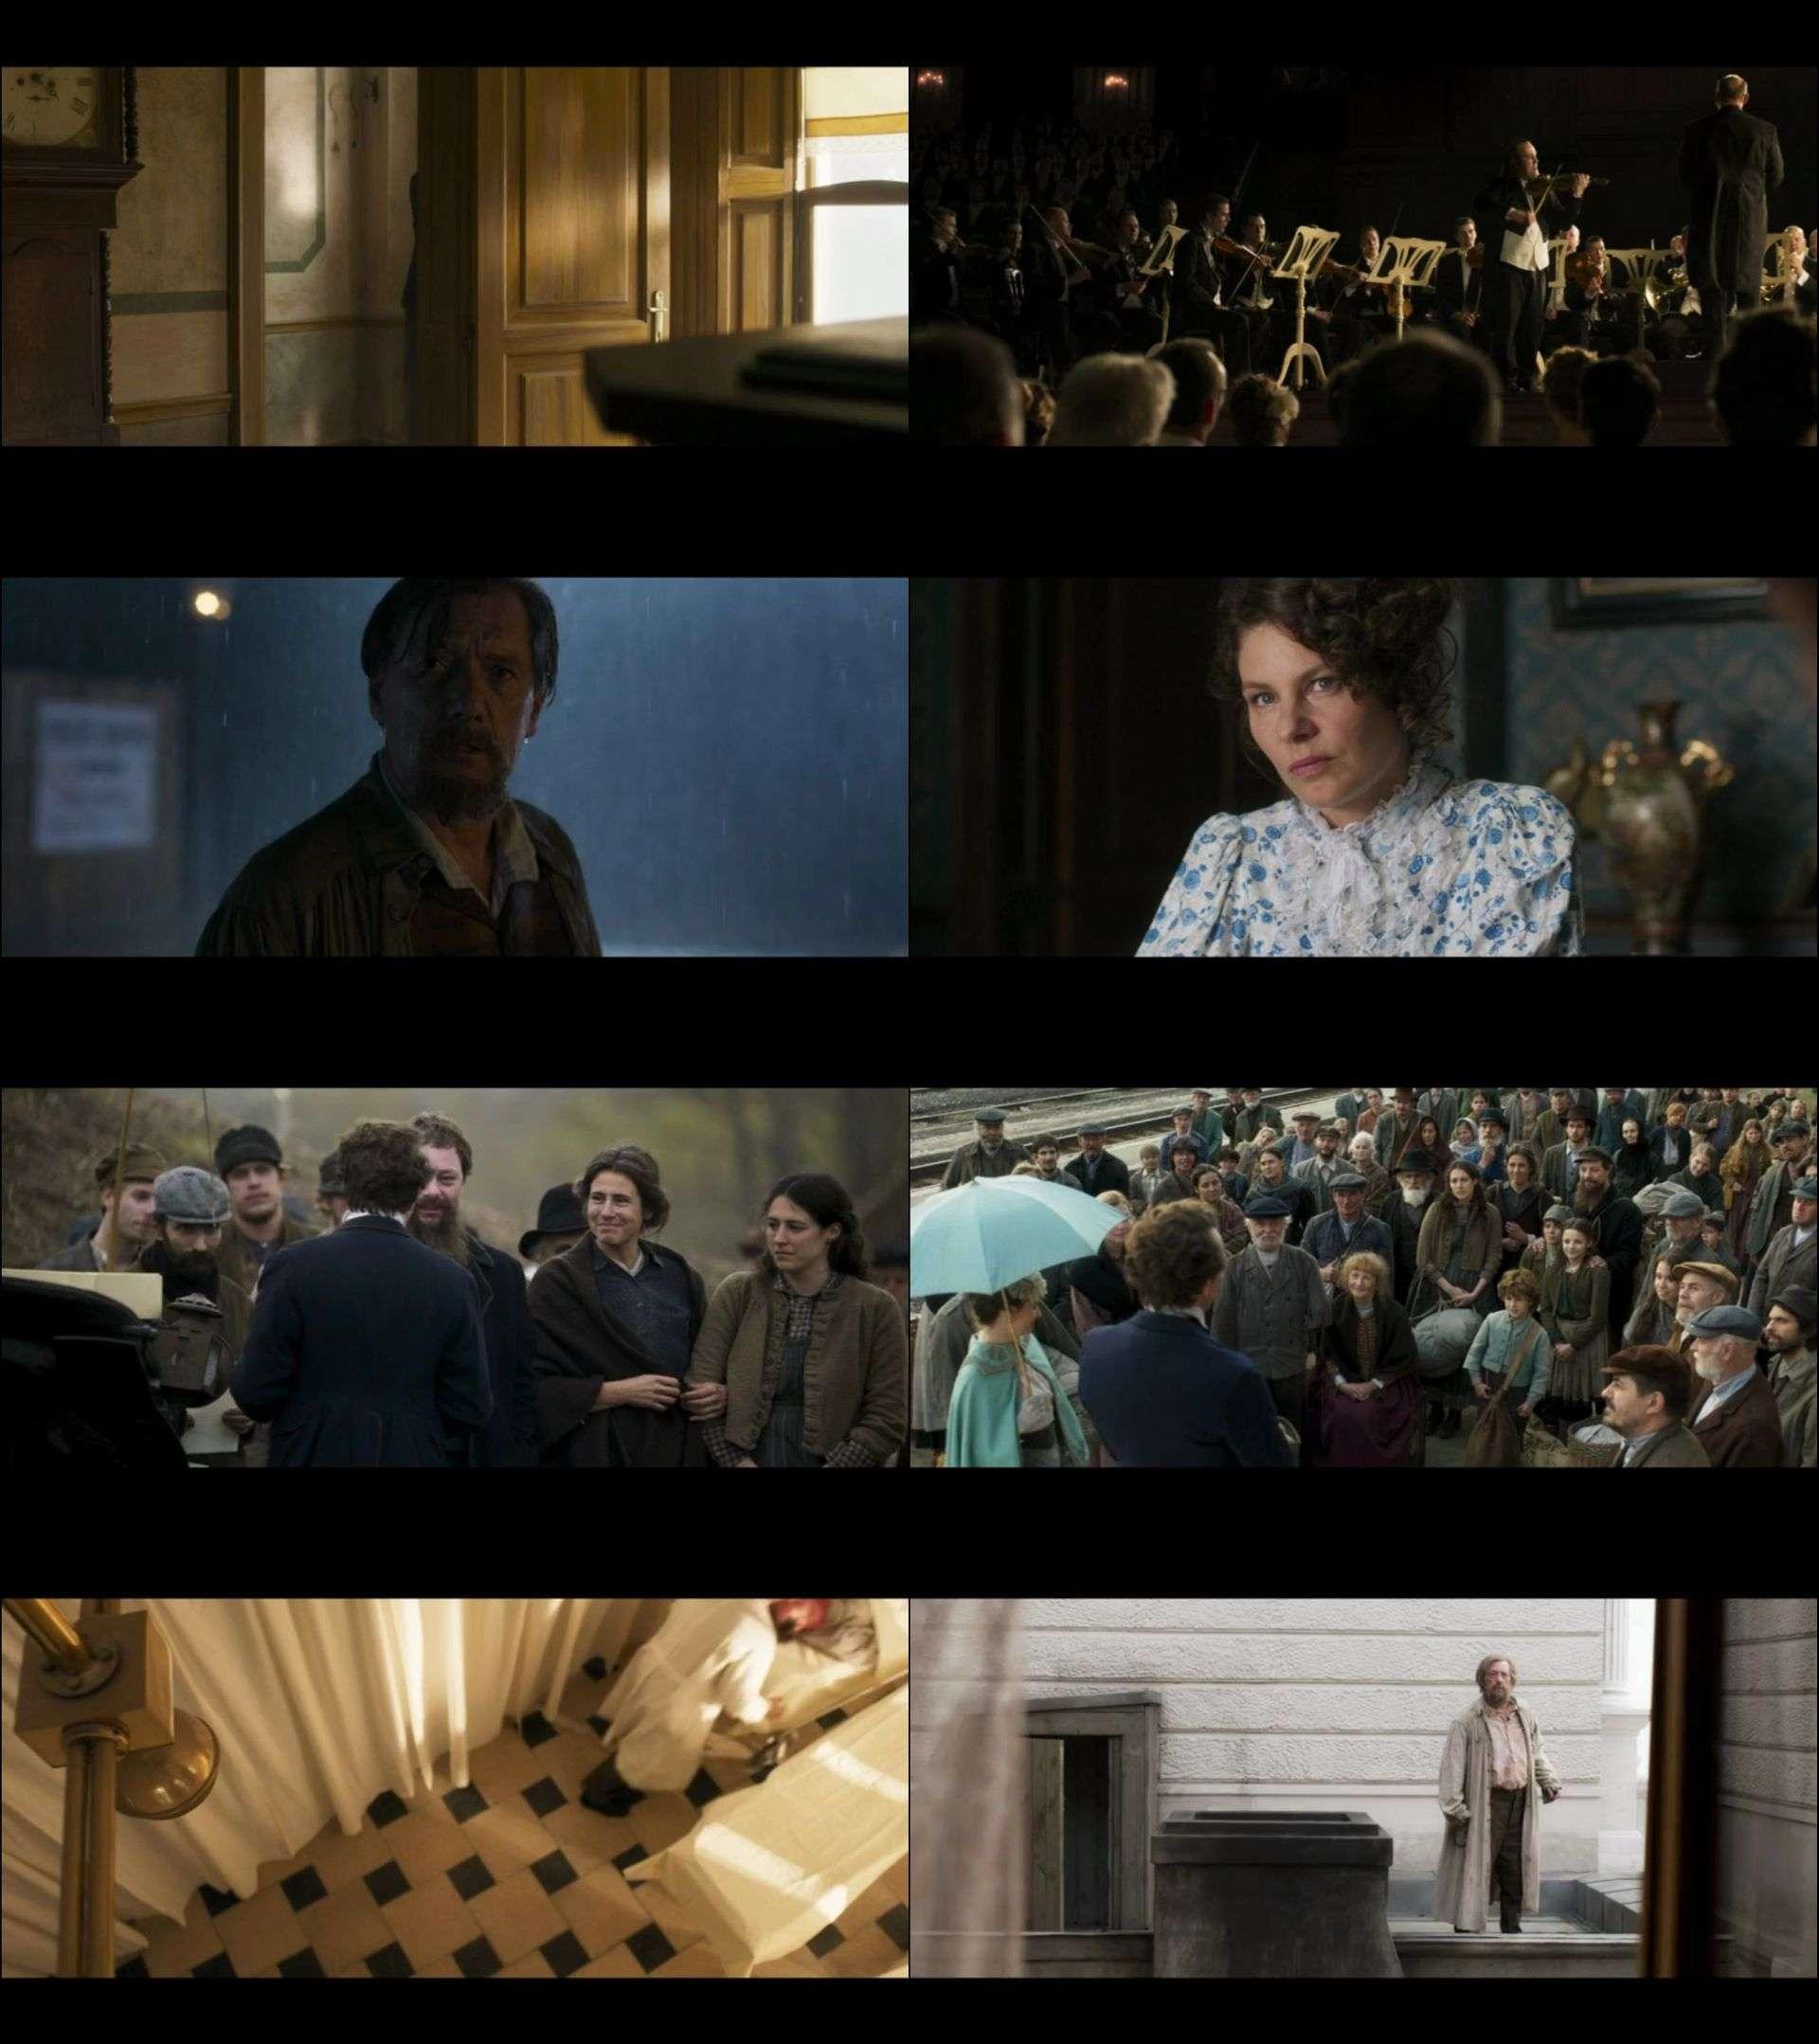 İyi Niyet - Public Works (2015) türkçe dublaj hd film indir